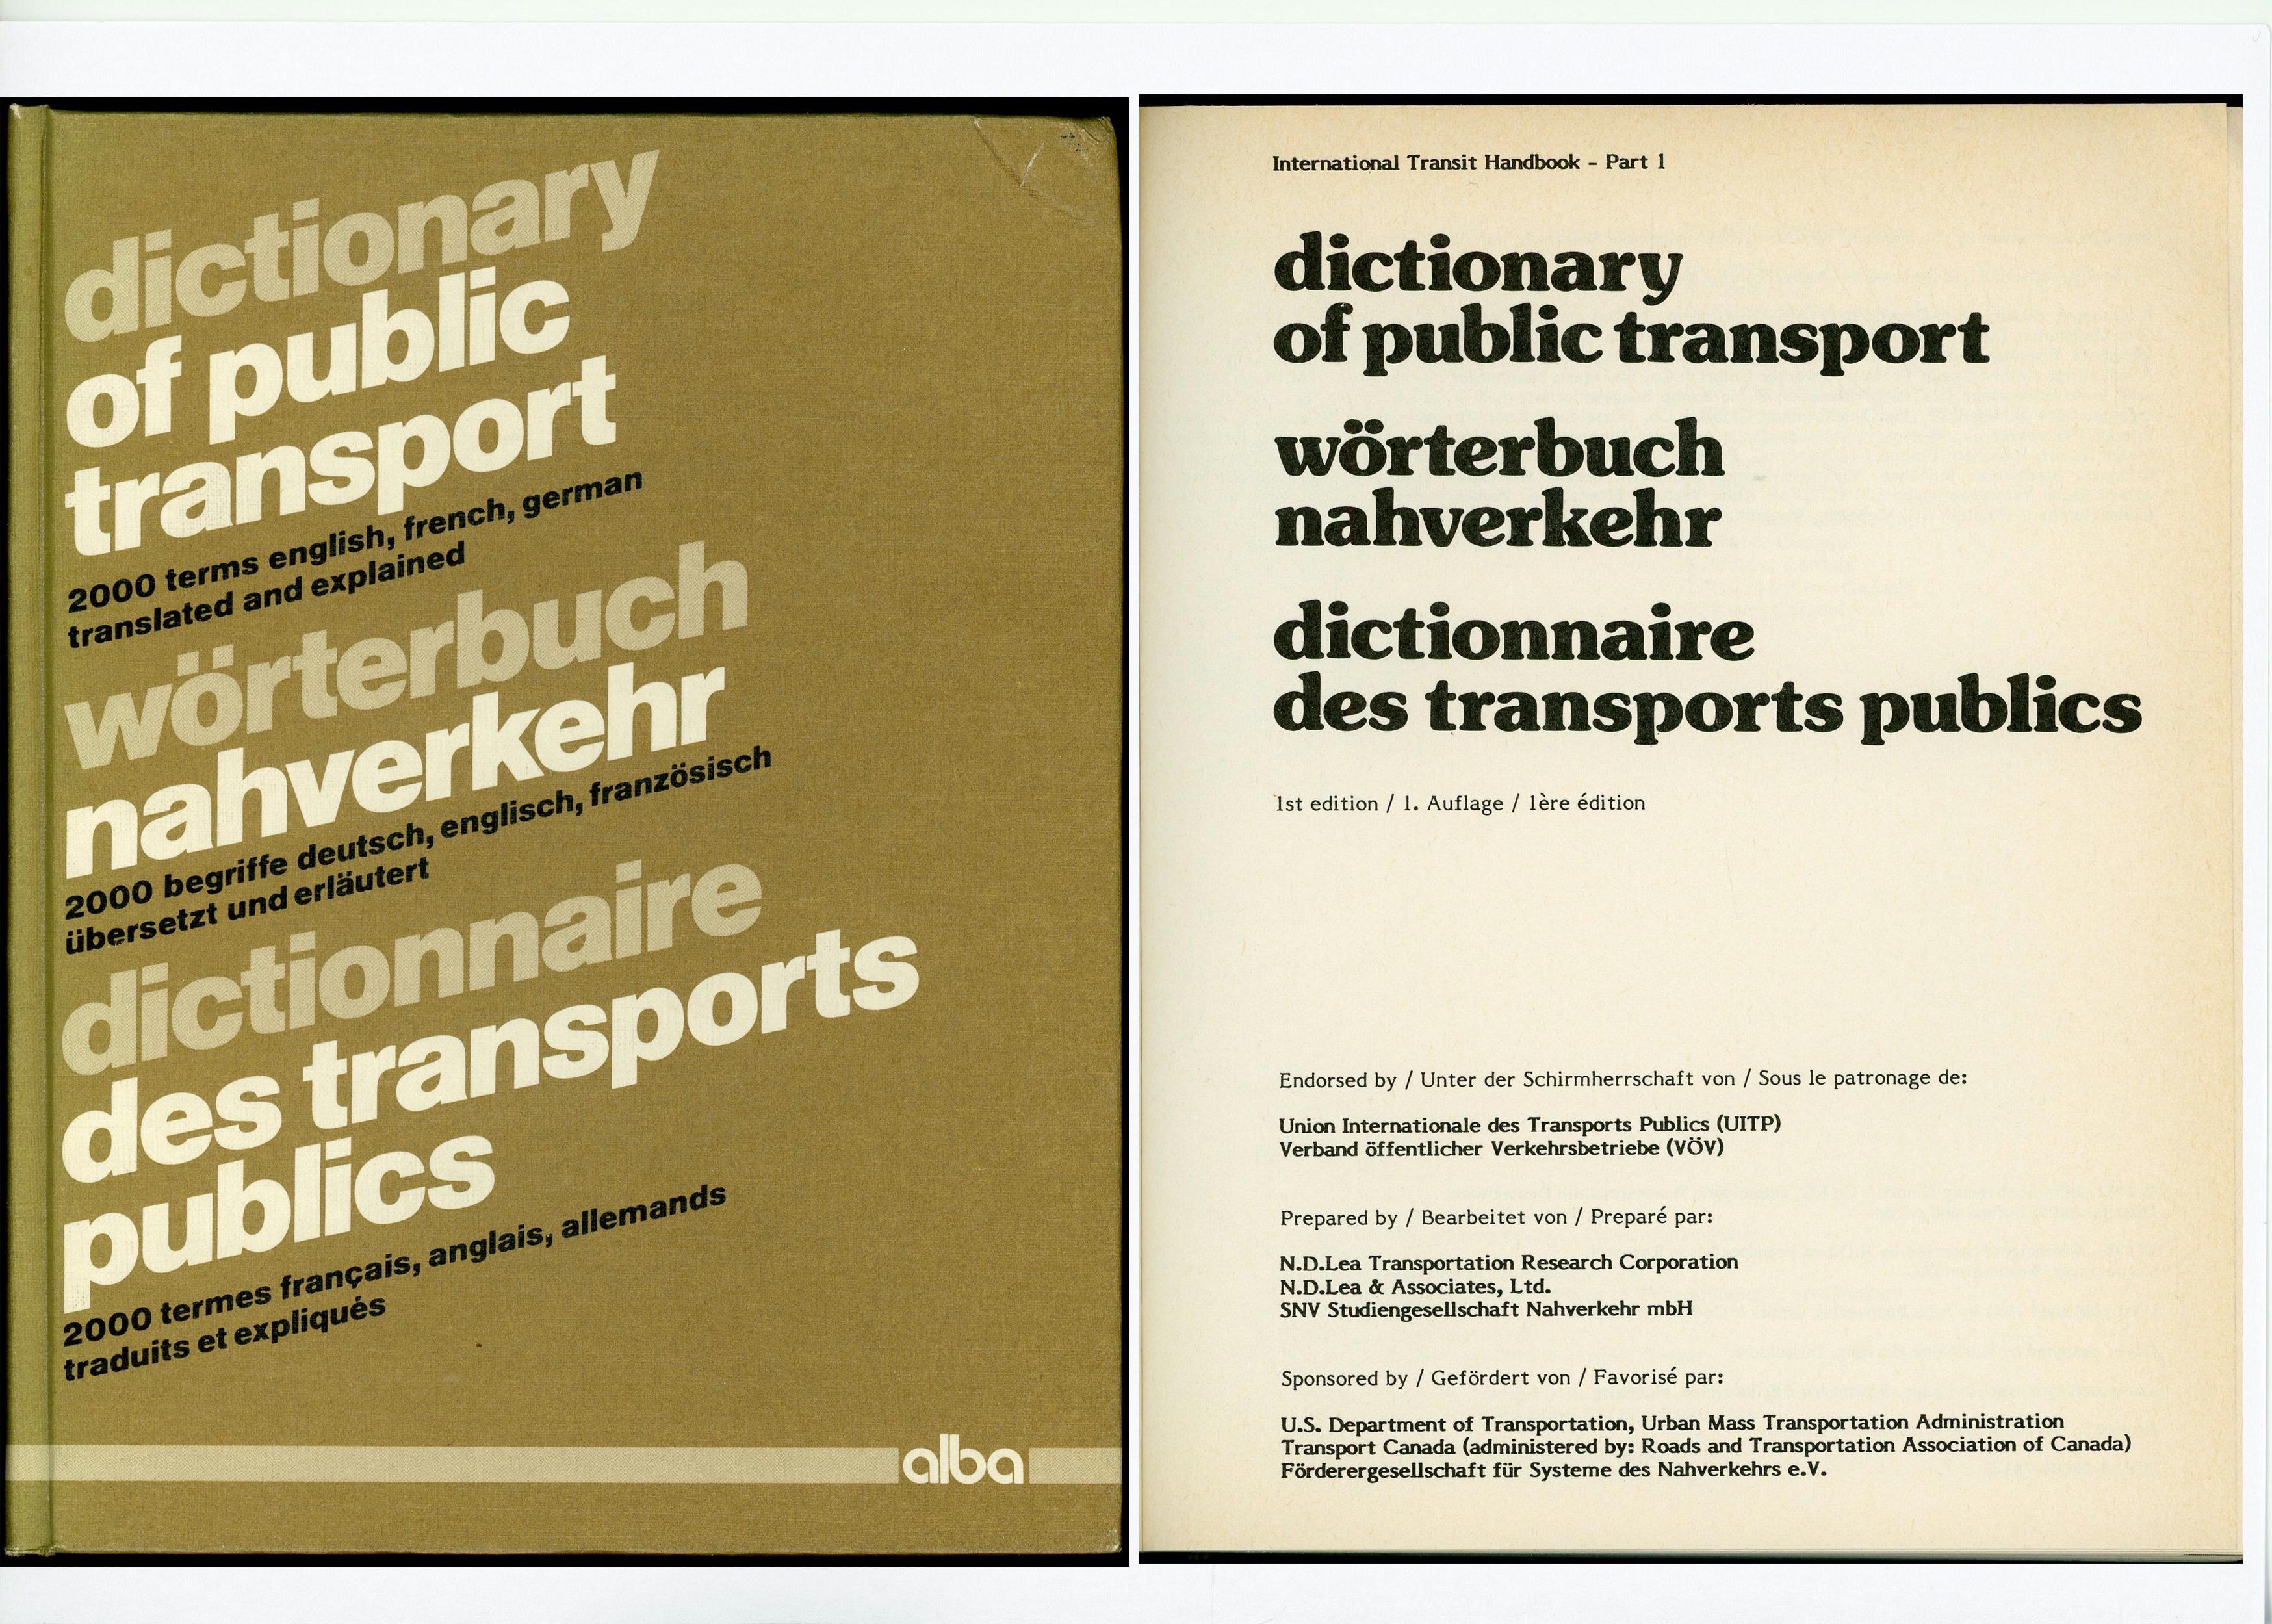 Dictionnaire des Transports Publics 3 langues 25 Saint-Laurent-de-Mure (69)